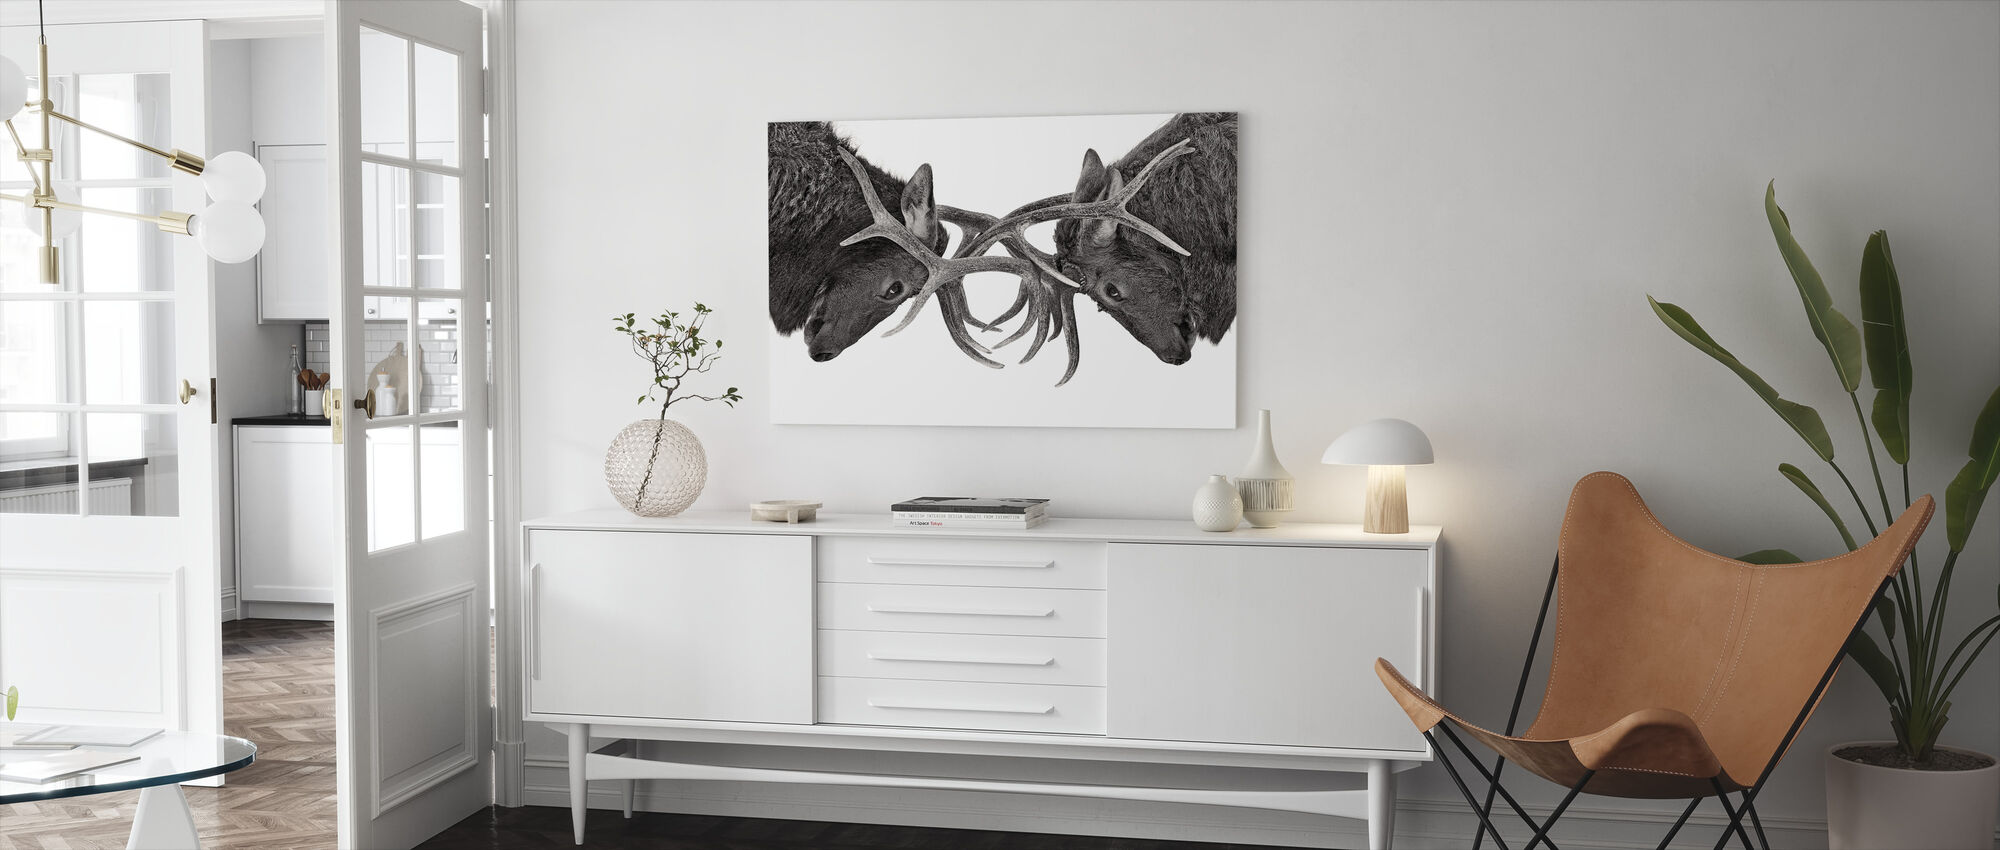 Eye to Eye - Lutte contre les élans, noir et blanc - Impression sur toile - Salle à manger